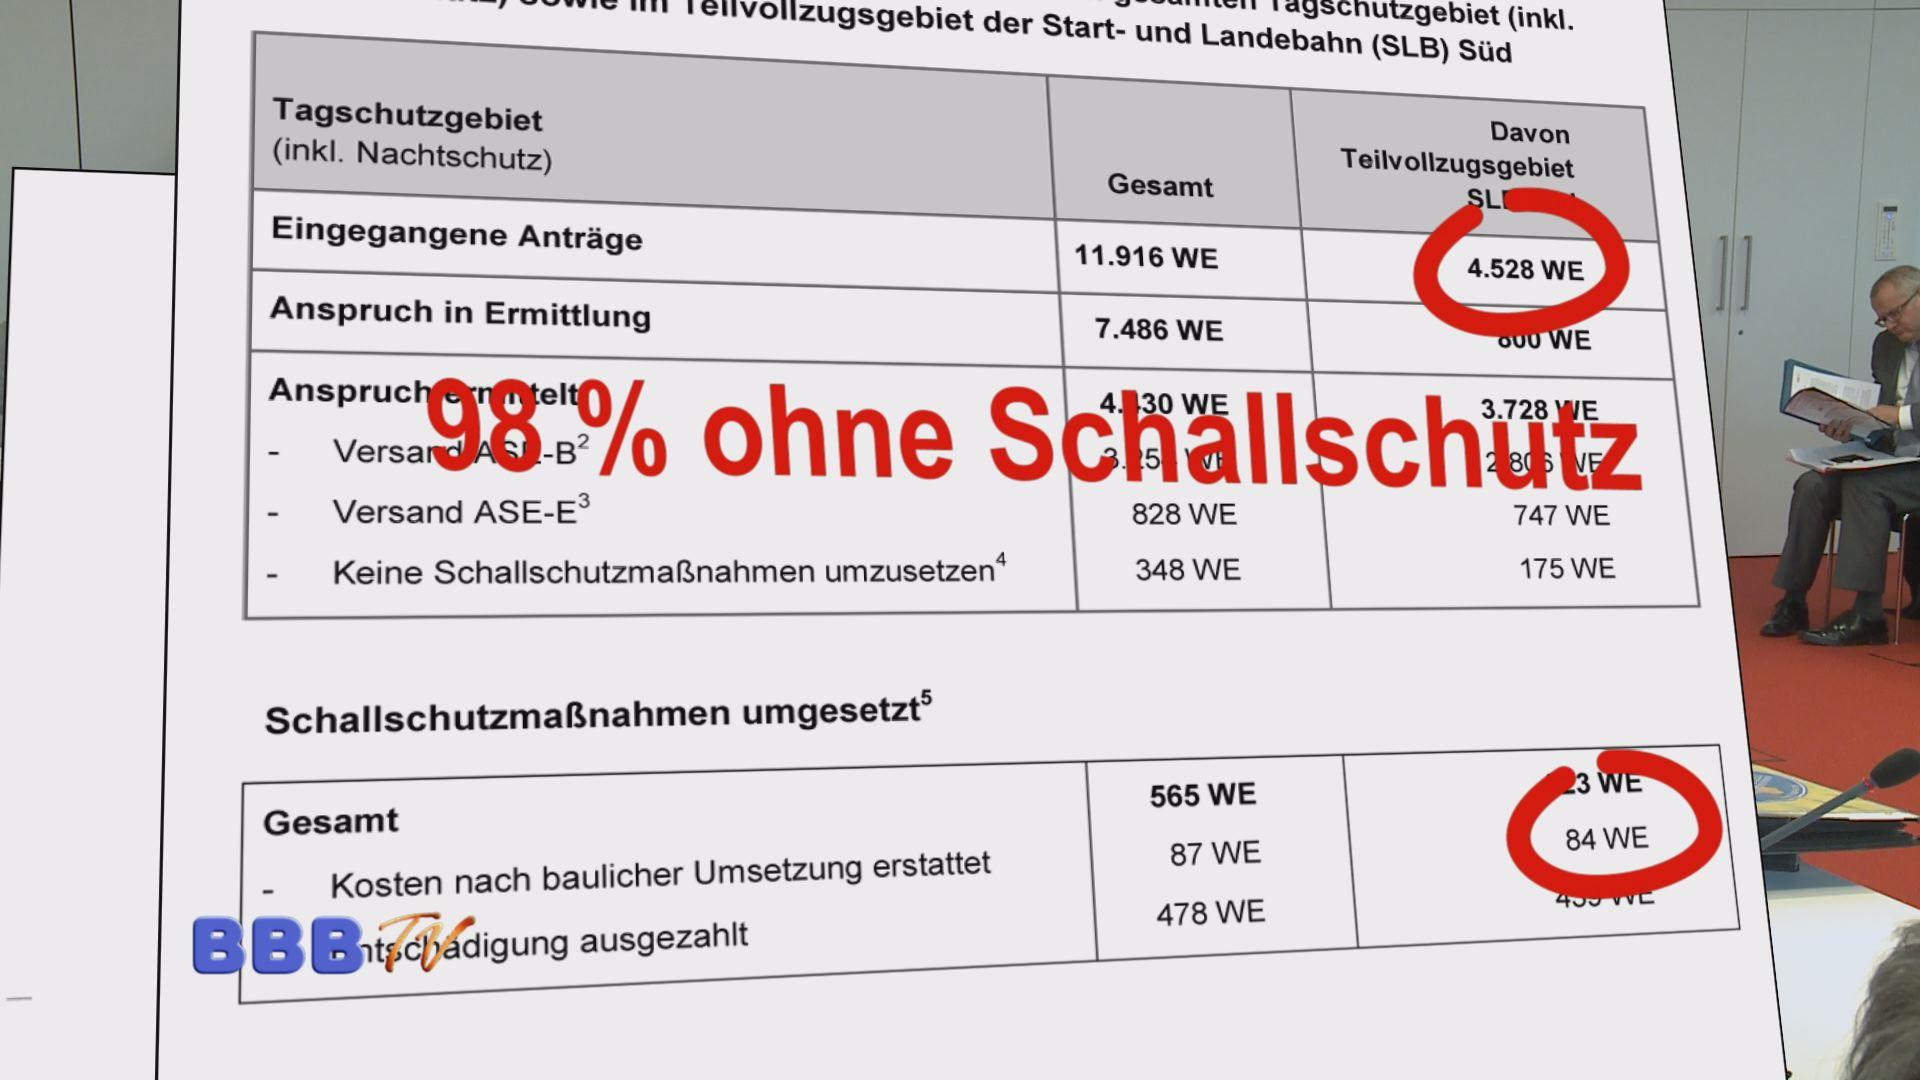 Sonderausschuss des Brandenburger Landtags 16.03.2015 Immer nur wundern, ärgern ist nicht erlaubt und macht Falten.